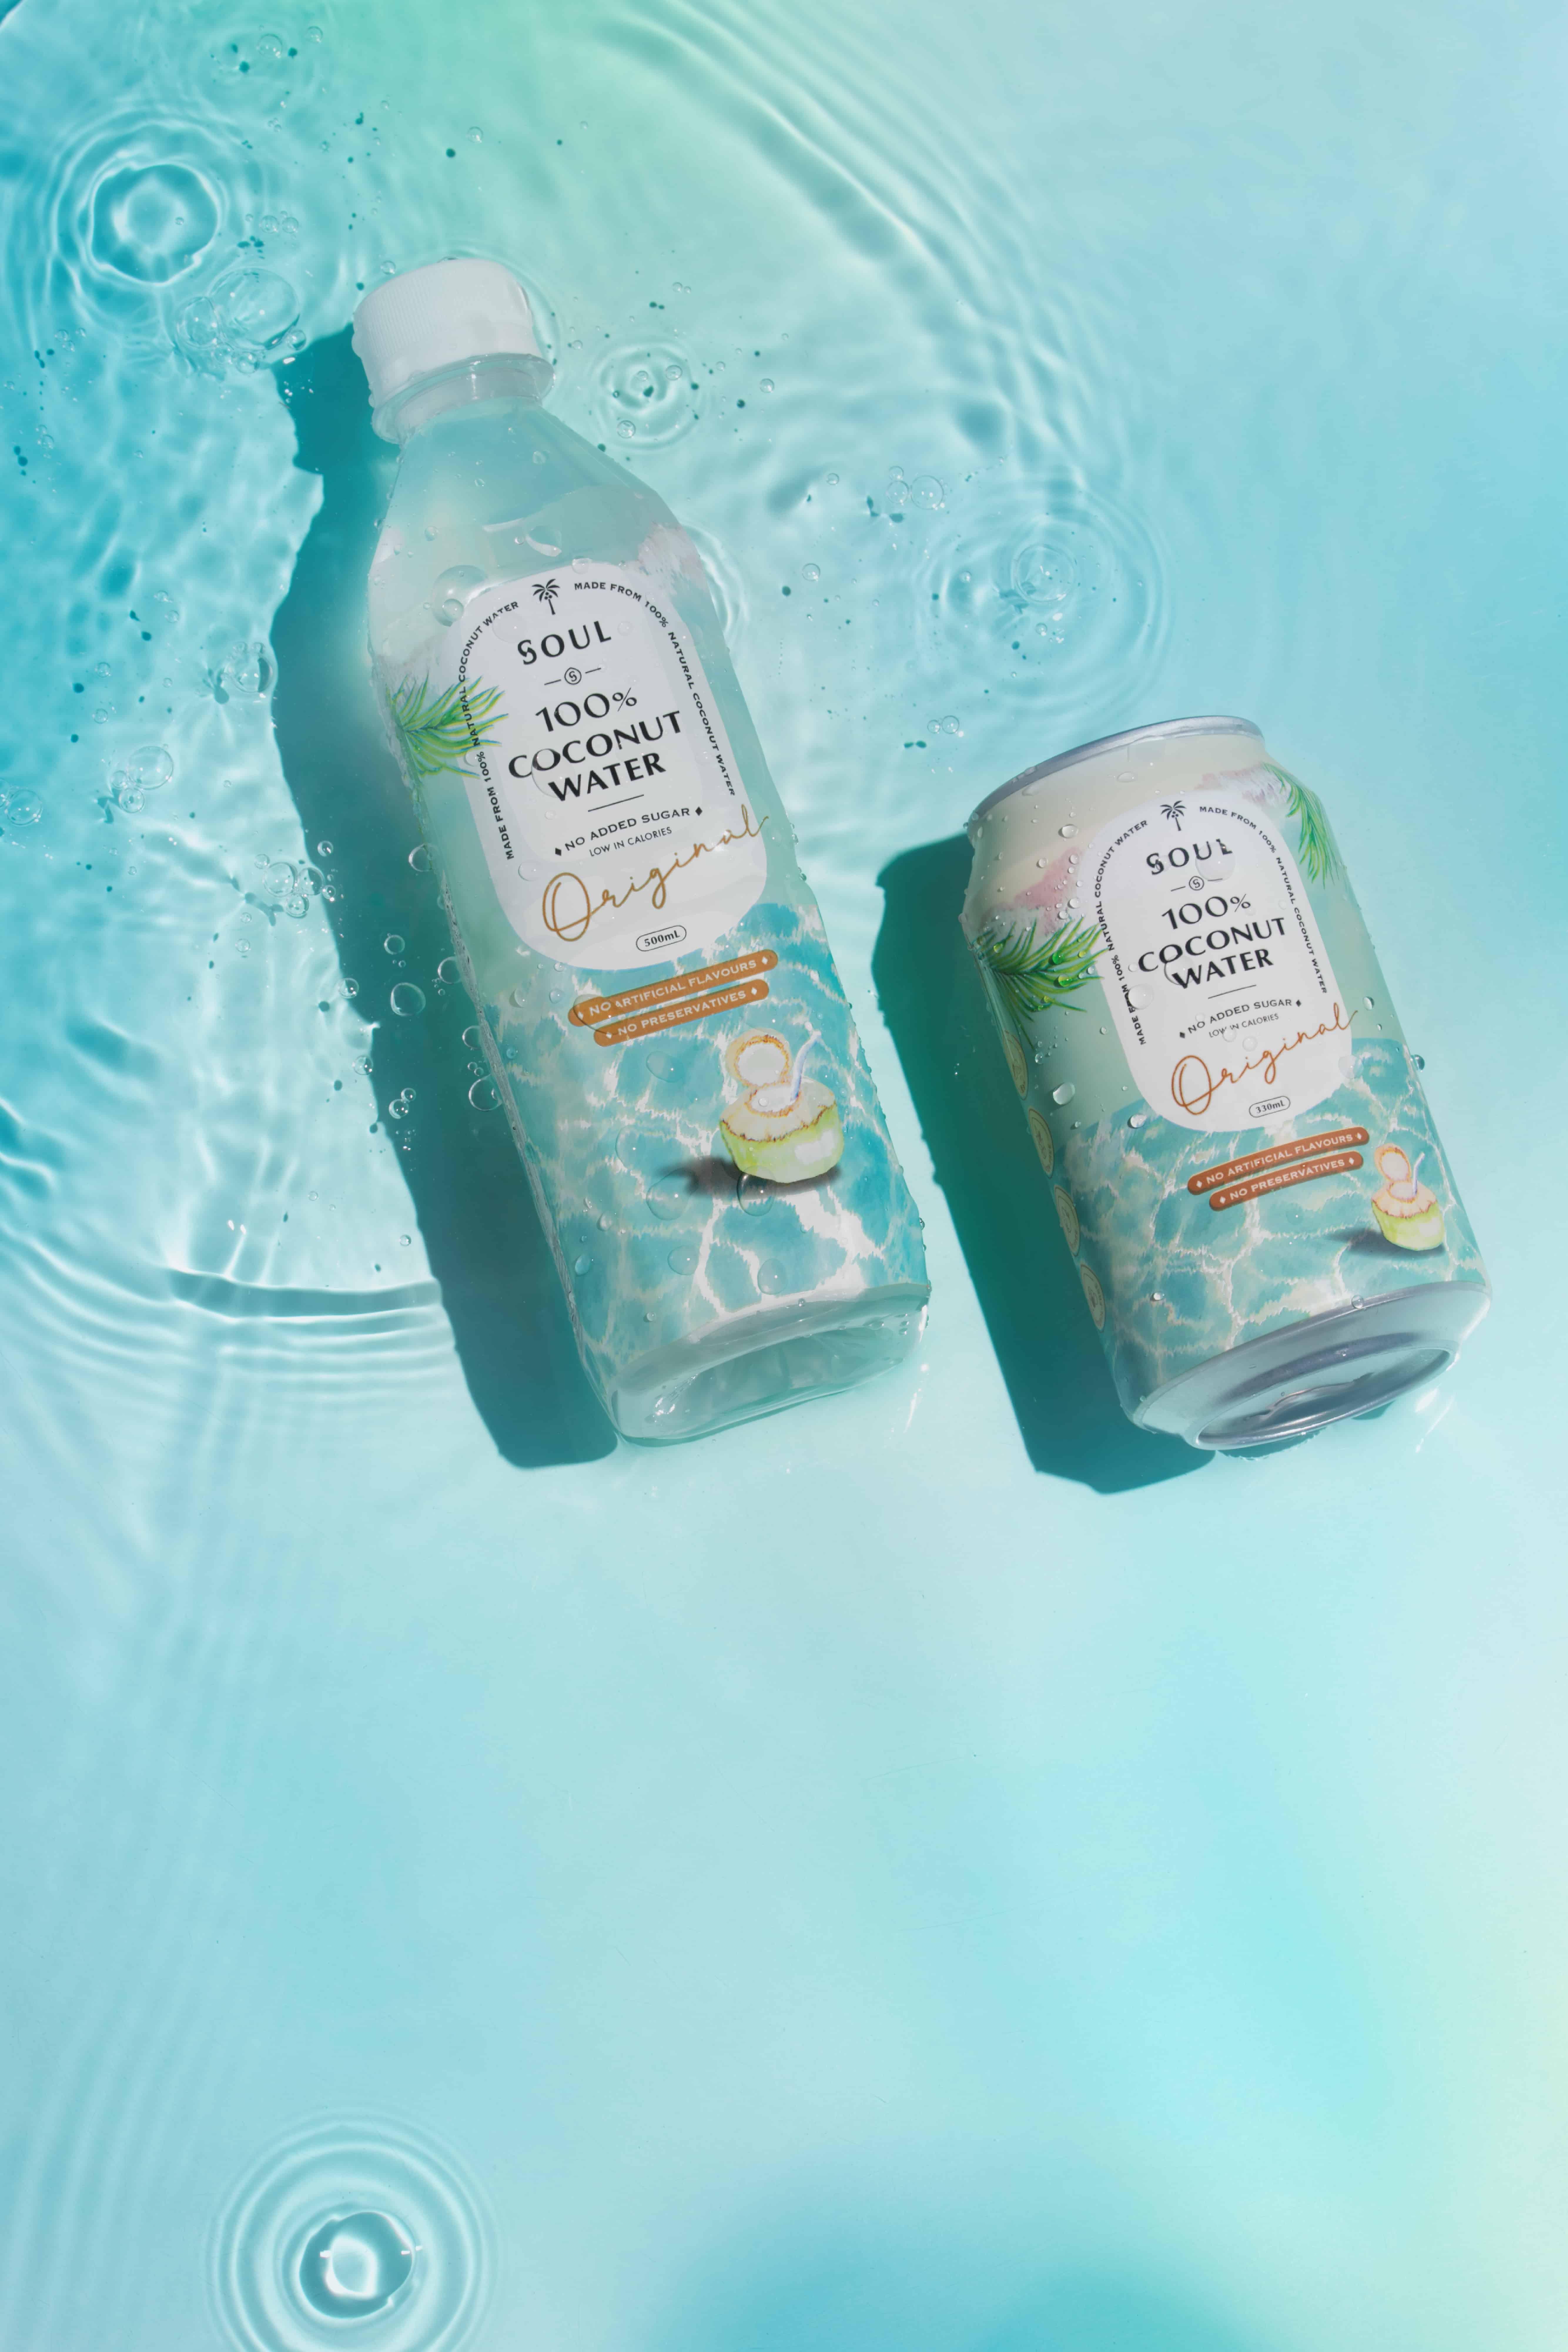 SOUL 100%椰子水   品牌設計及包裝設計